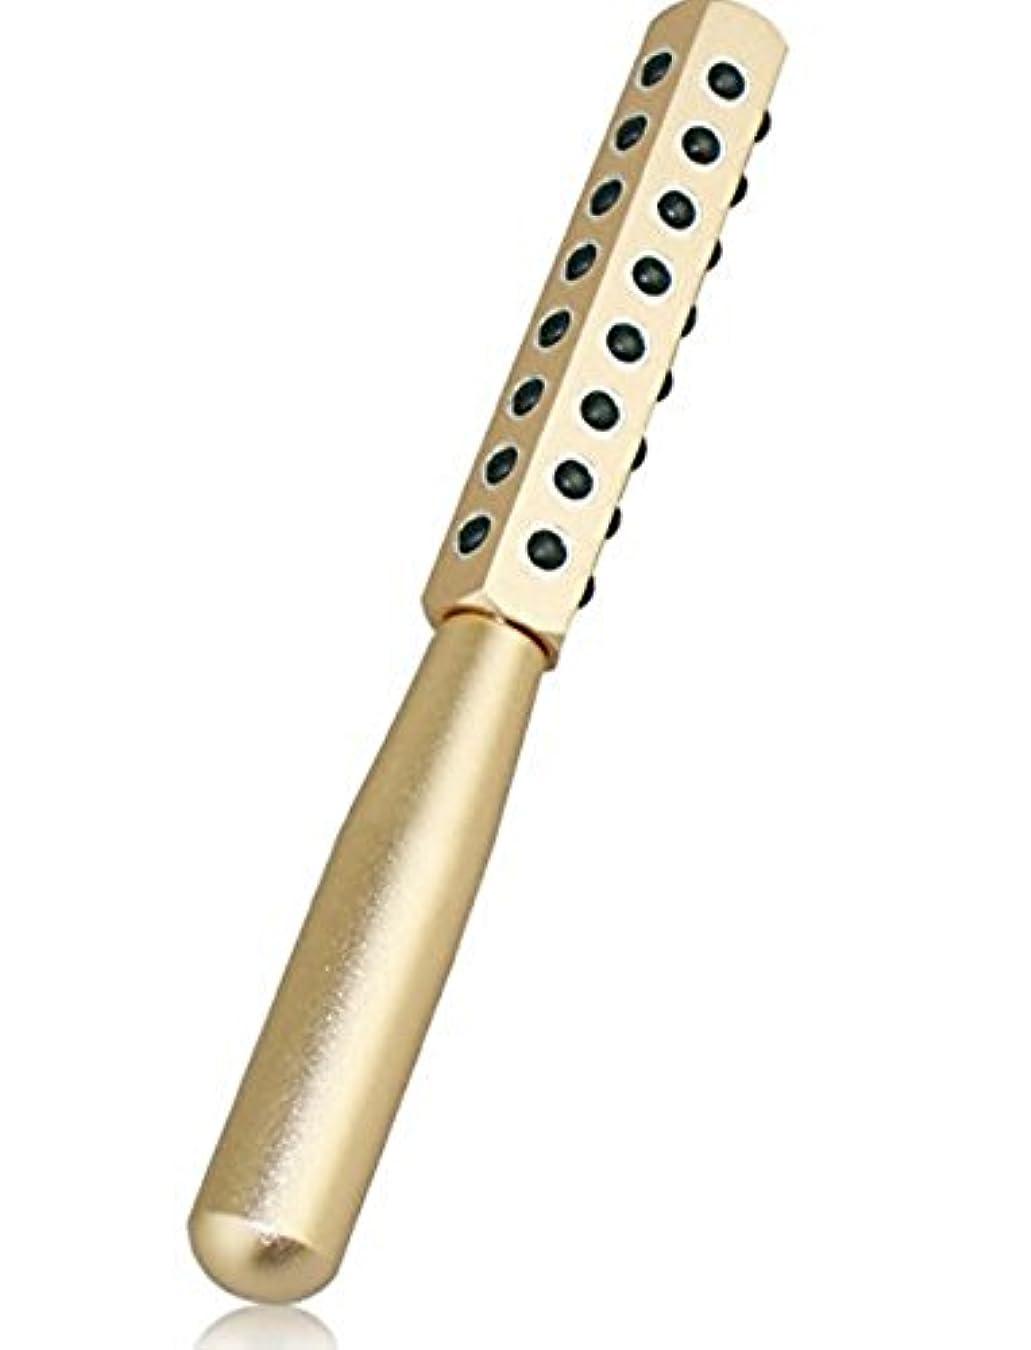 ブリリアント短命おもてなしCREPUSCOLO ゲルマローラー 美顔器 美肌 ハリ ツヤ ほうれい線 純度99% ゲルマニウム粒子40粒/額 ほほ 目じり あご~首すじ デコルテ 二の腕 手の甲 気になるところをコロコロ ゴールド シルバー (ゴールド)